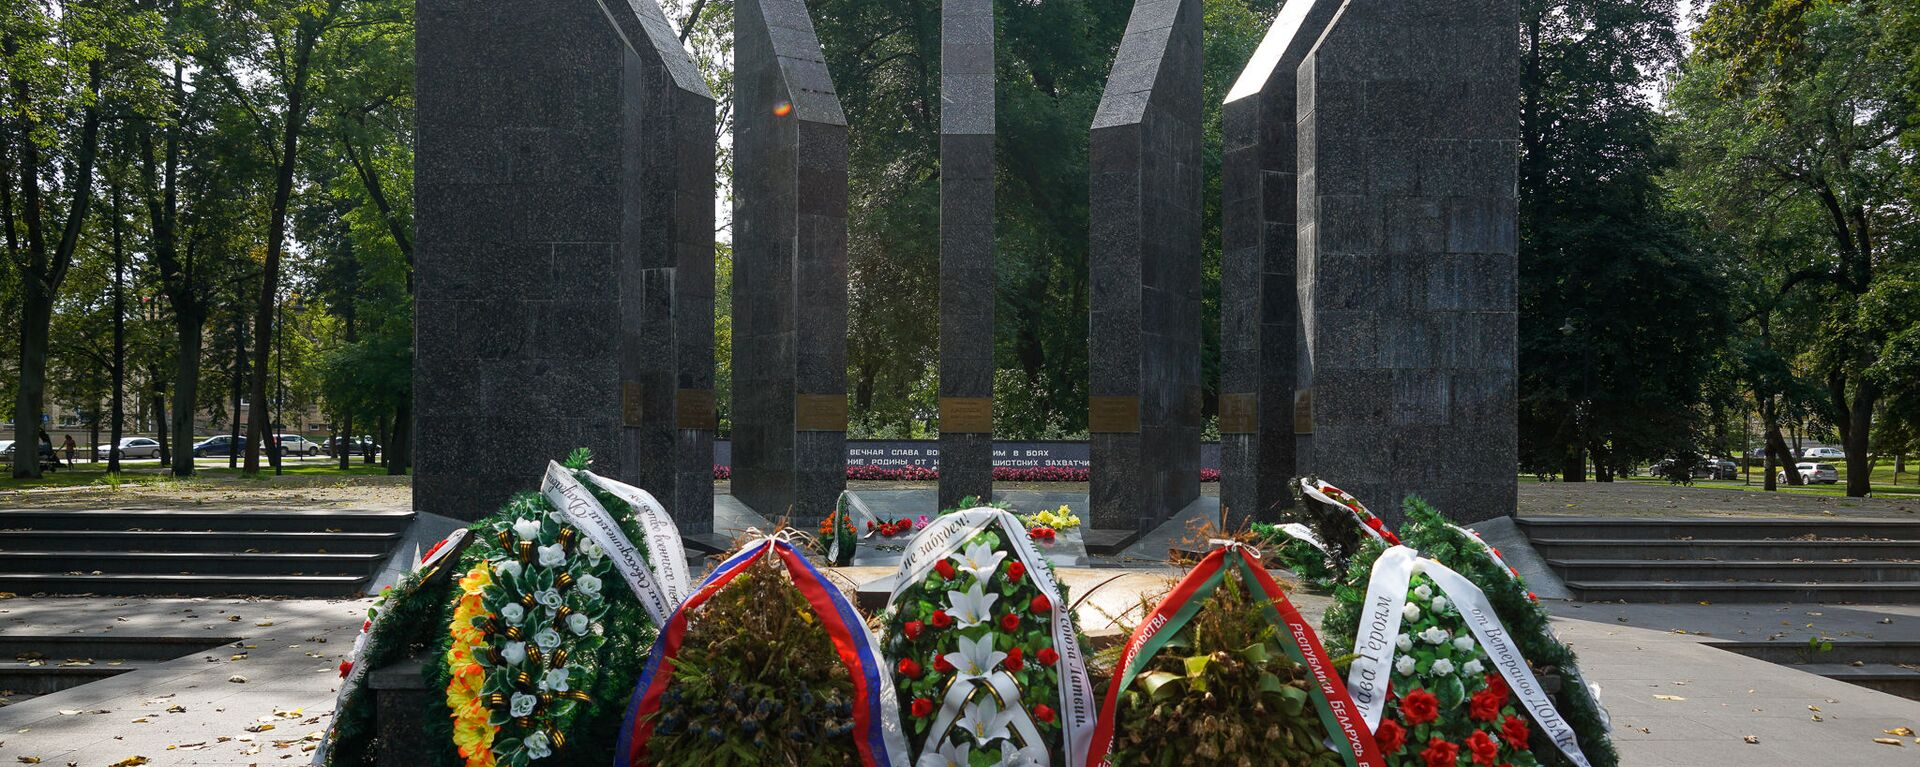 Мемориал воинам-освободителям Даугавпилса в Парке Дубровина - Sputnik Латвия, 1920, 28.07.2021